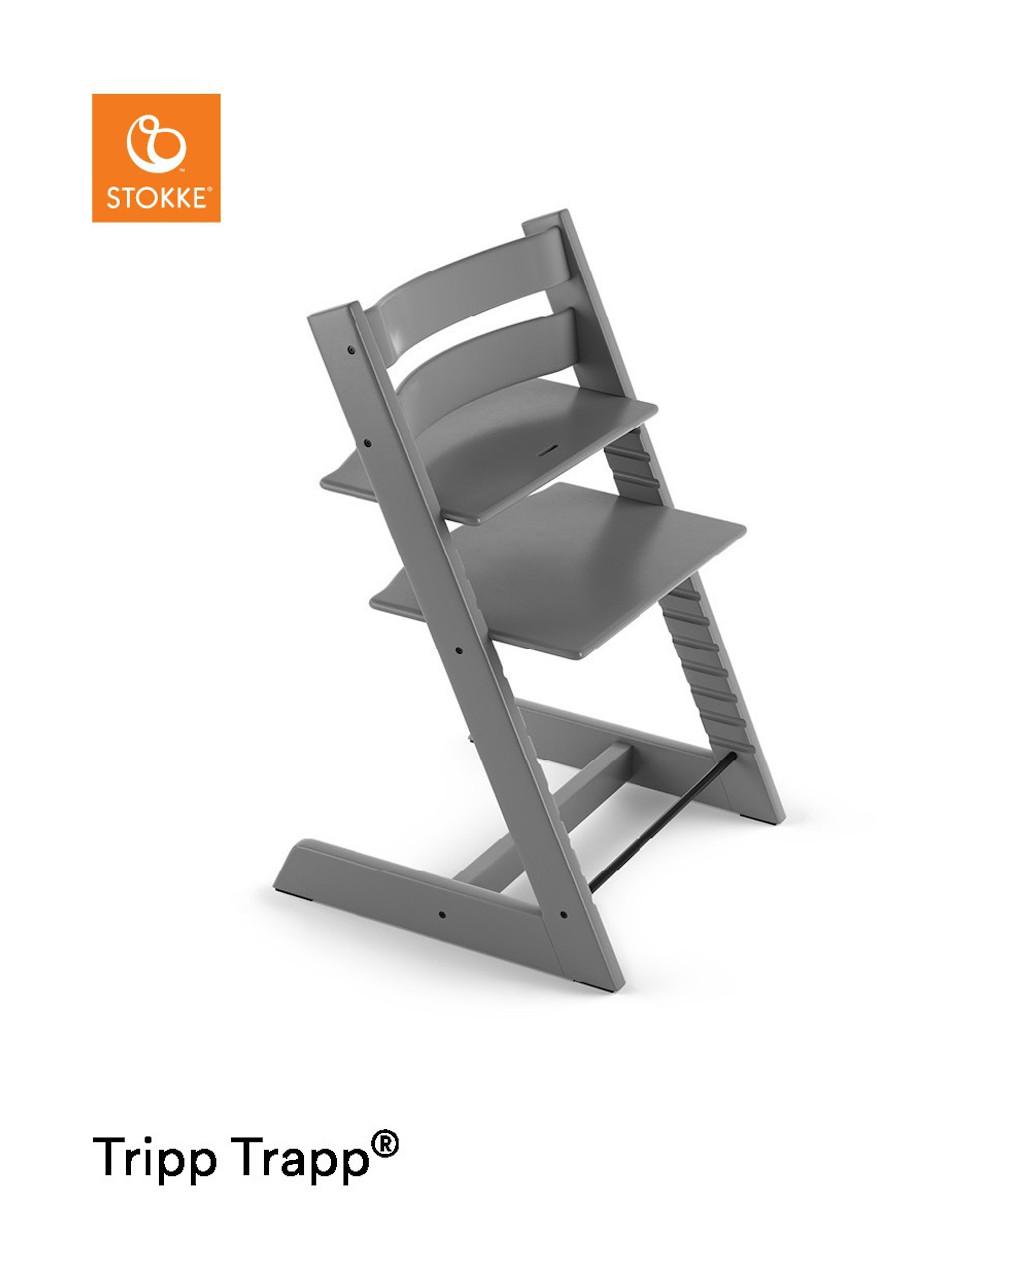 Tripp trapp® - storm grey - Stokke